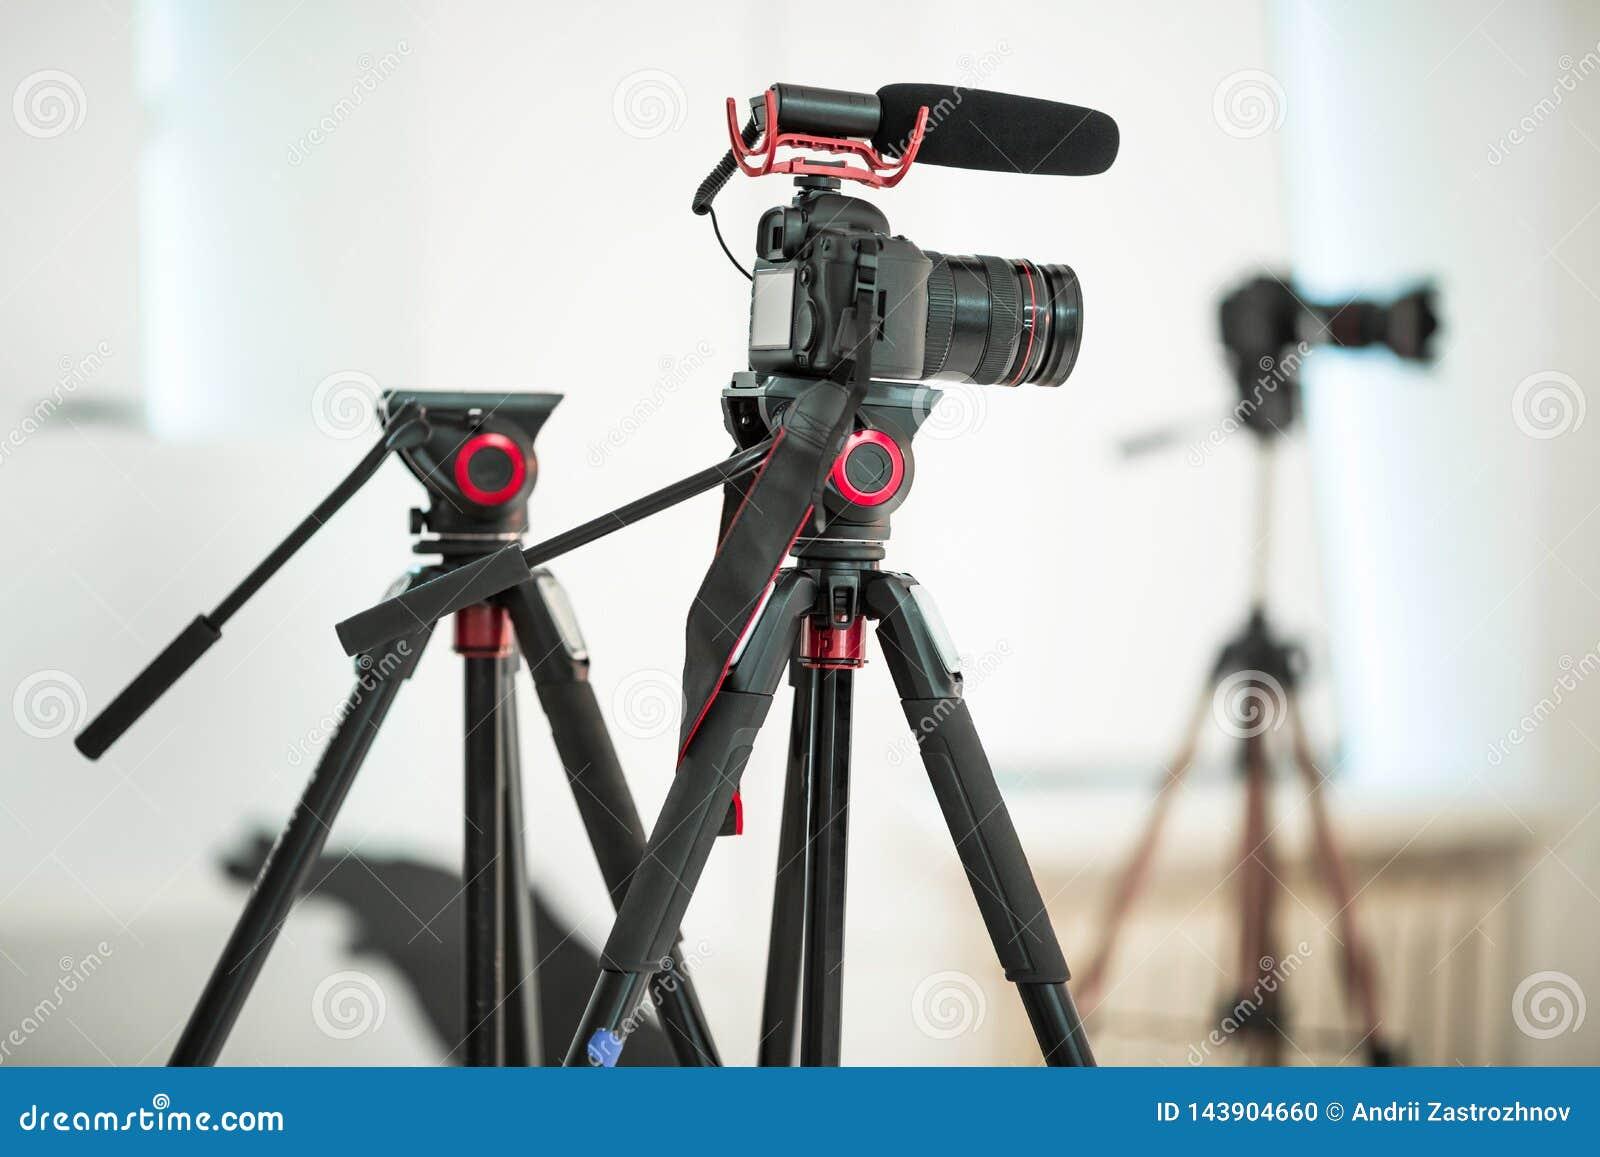 Begreppsintervju, digital kamera på en tripod med en mikrofon i studion på en vit bakgrund